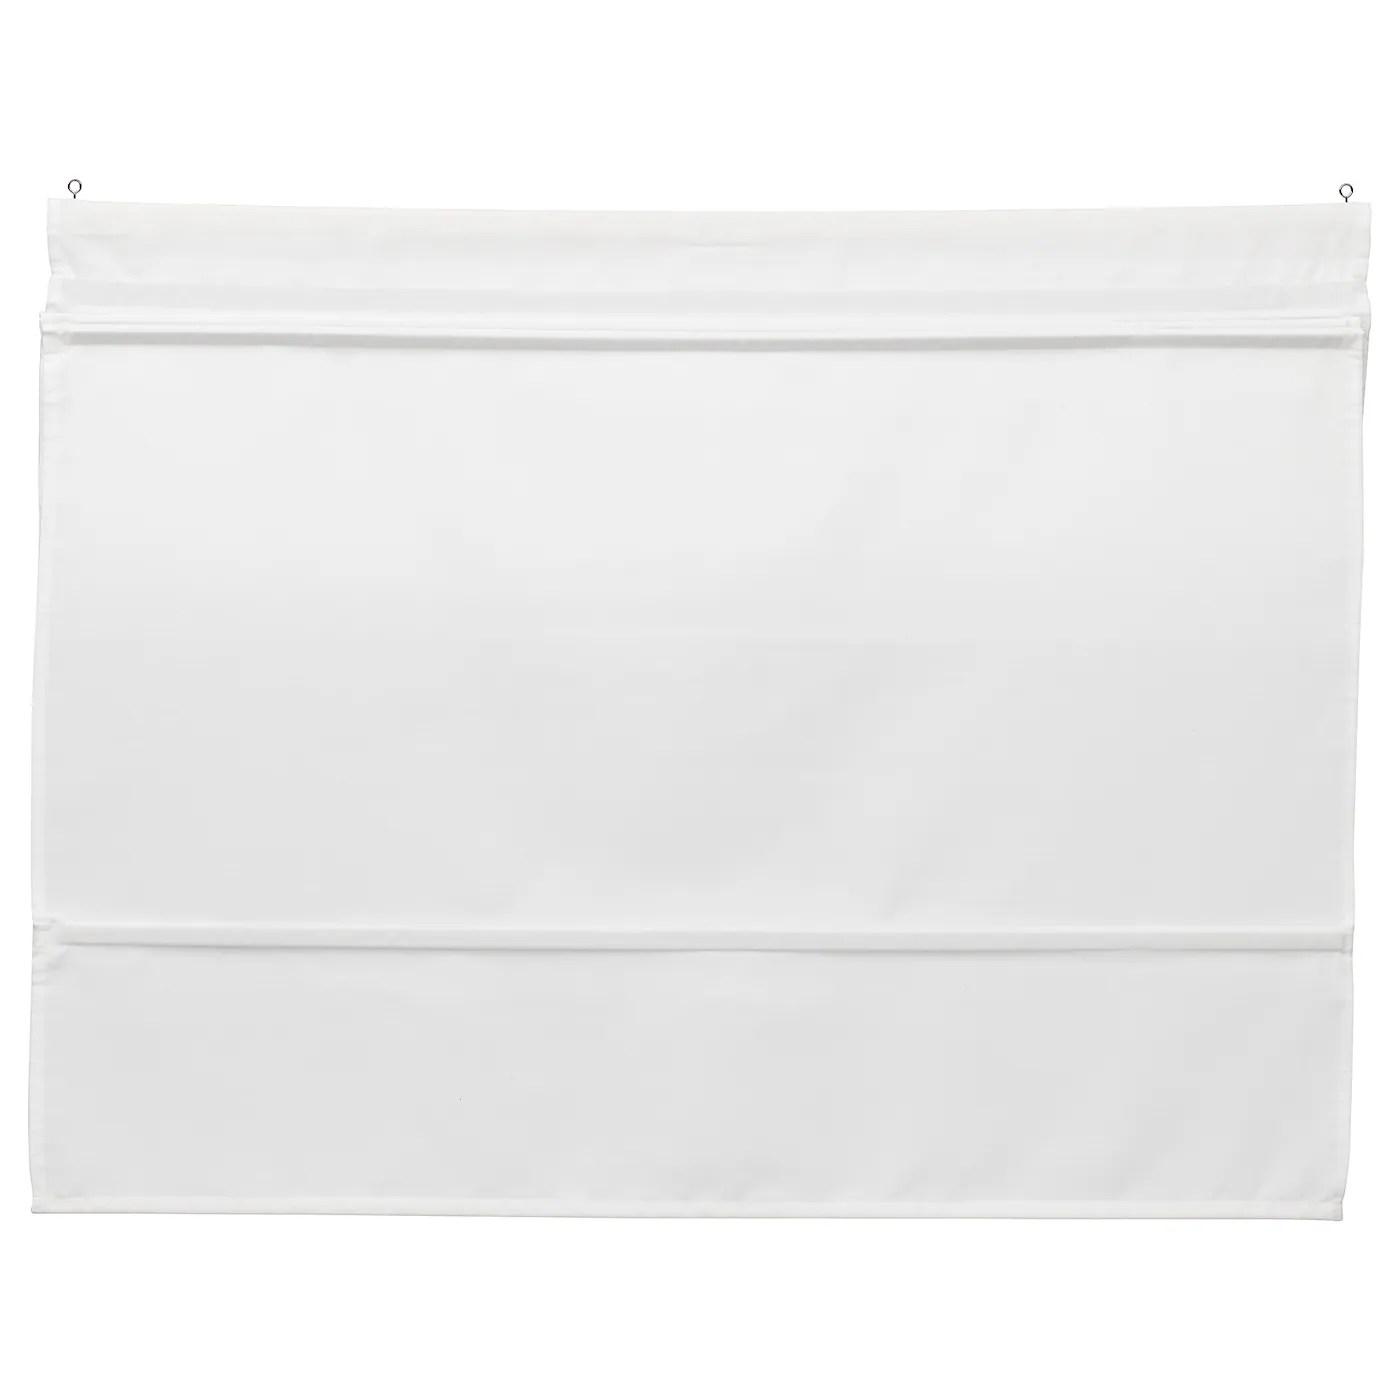 Sono adate per fissaggio su parete, soffitto o infisso. Ringblomma Tenda A Pacchetto Bianco 100x160 Cm Ikea It